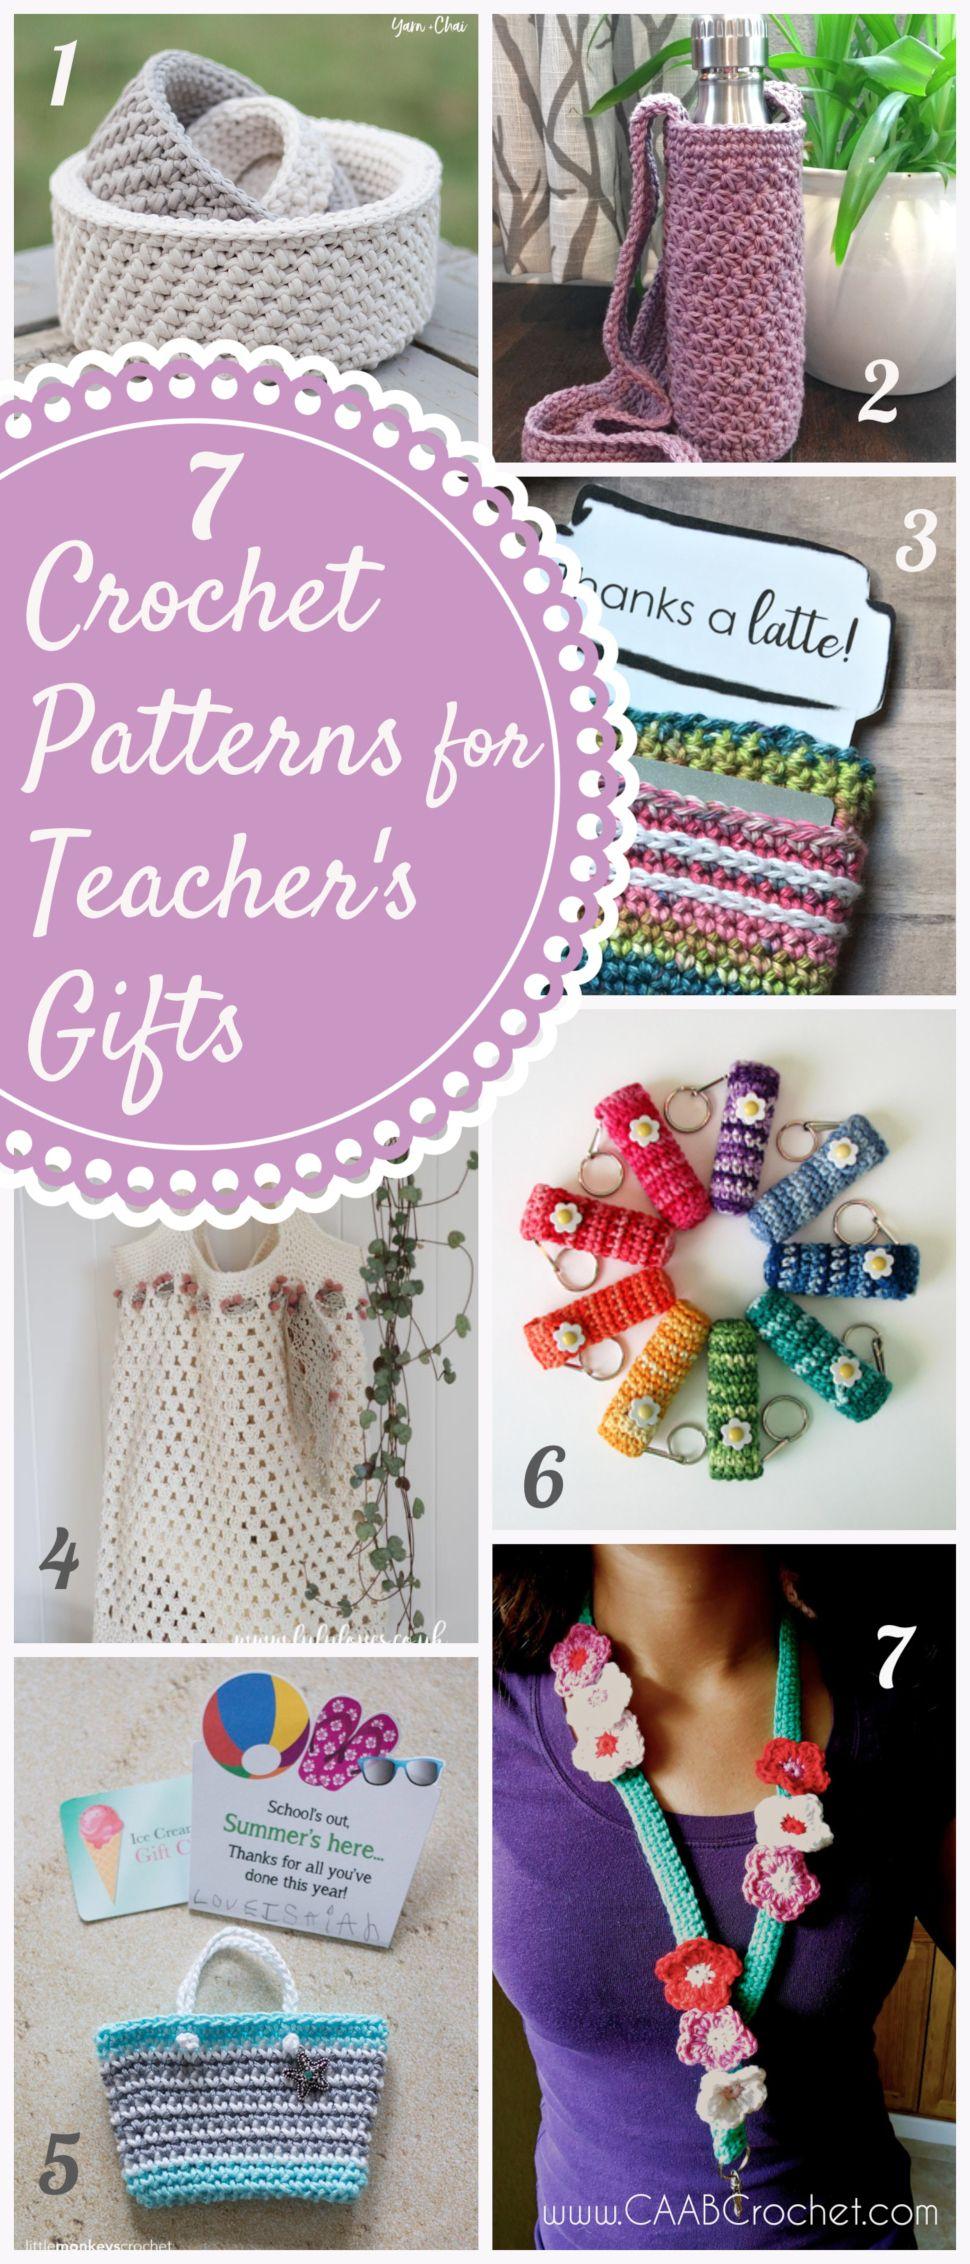 7 crochet patterns for teacher gifts crochet teacher